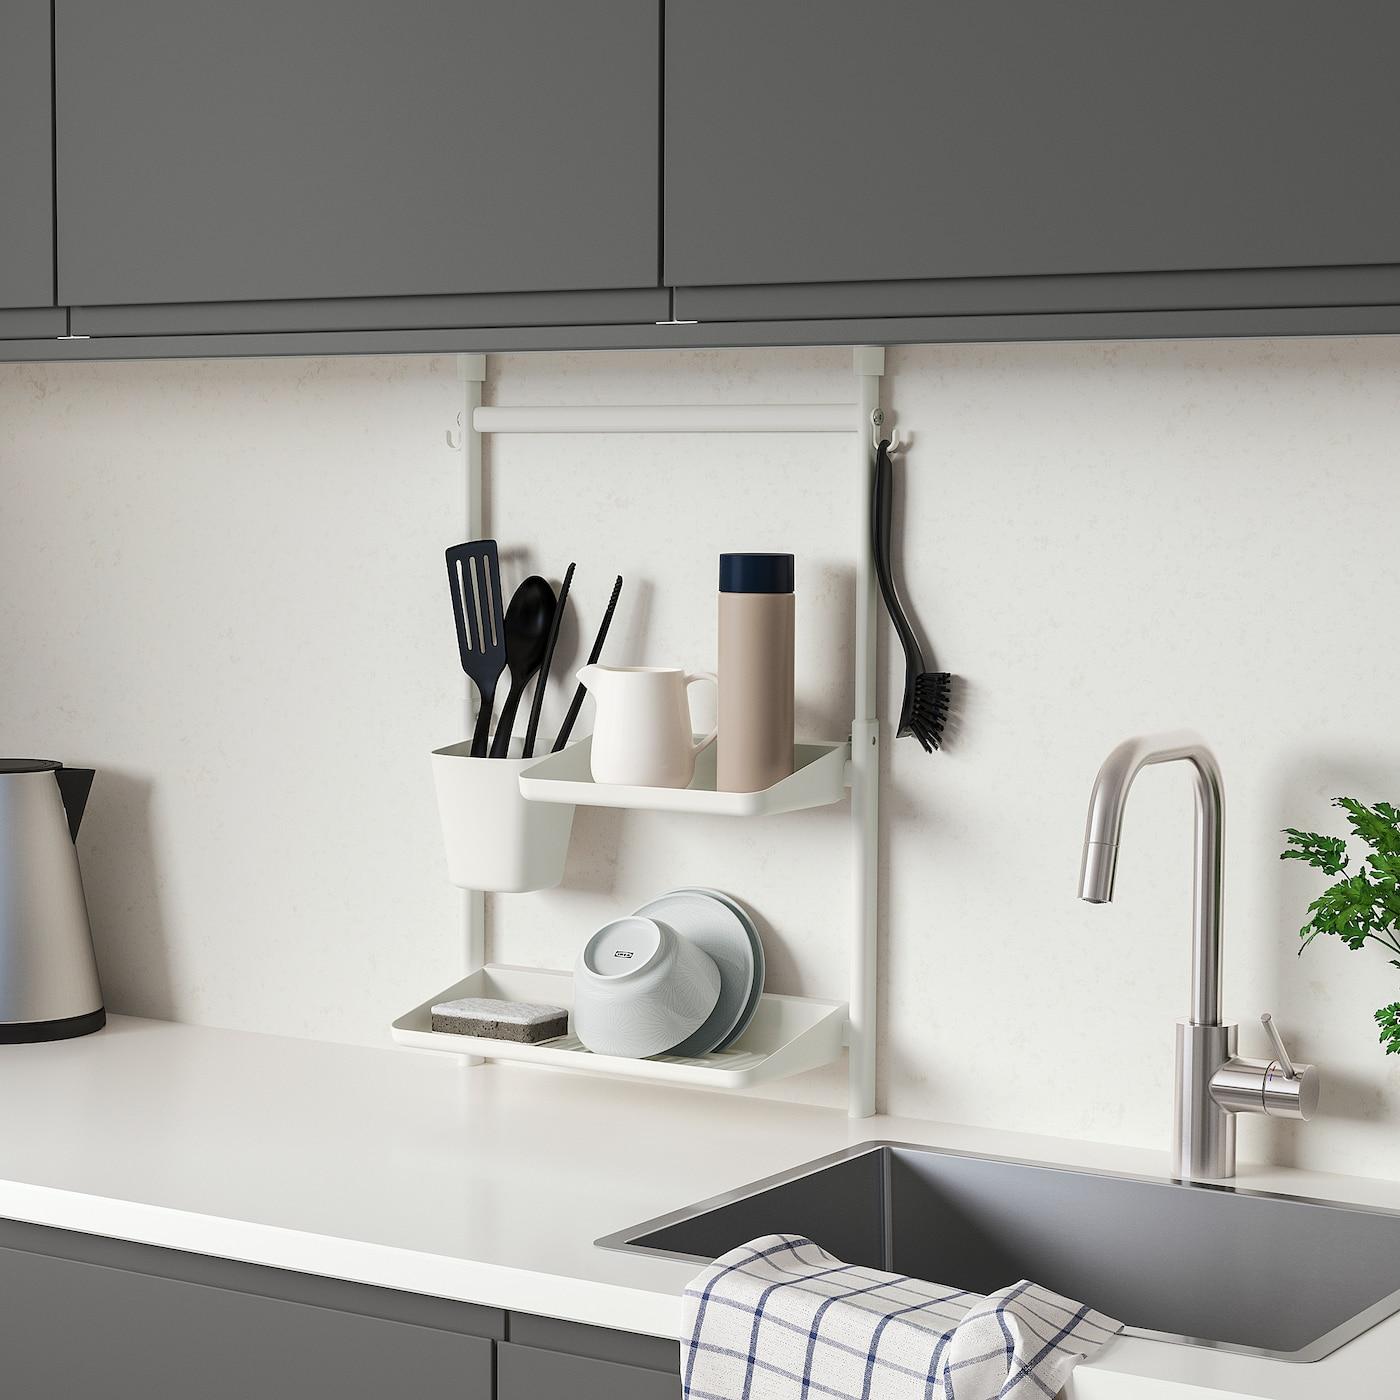 Sunnersta Kokkenorganisering Saet Uden At Bore Hylde Opvaskestativ Beholder Ikea